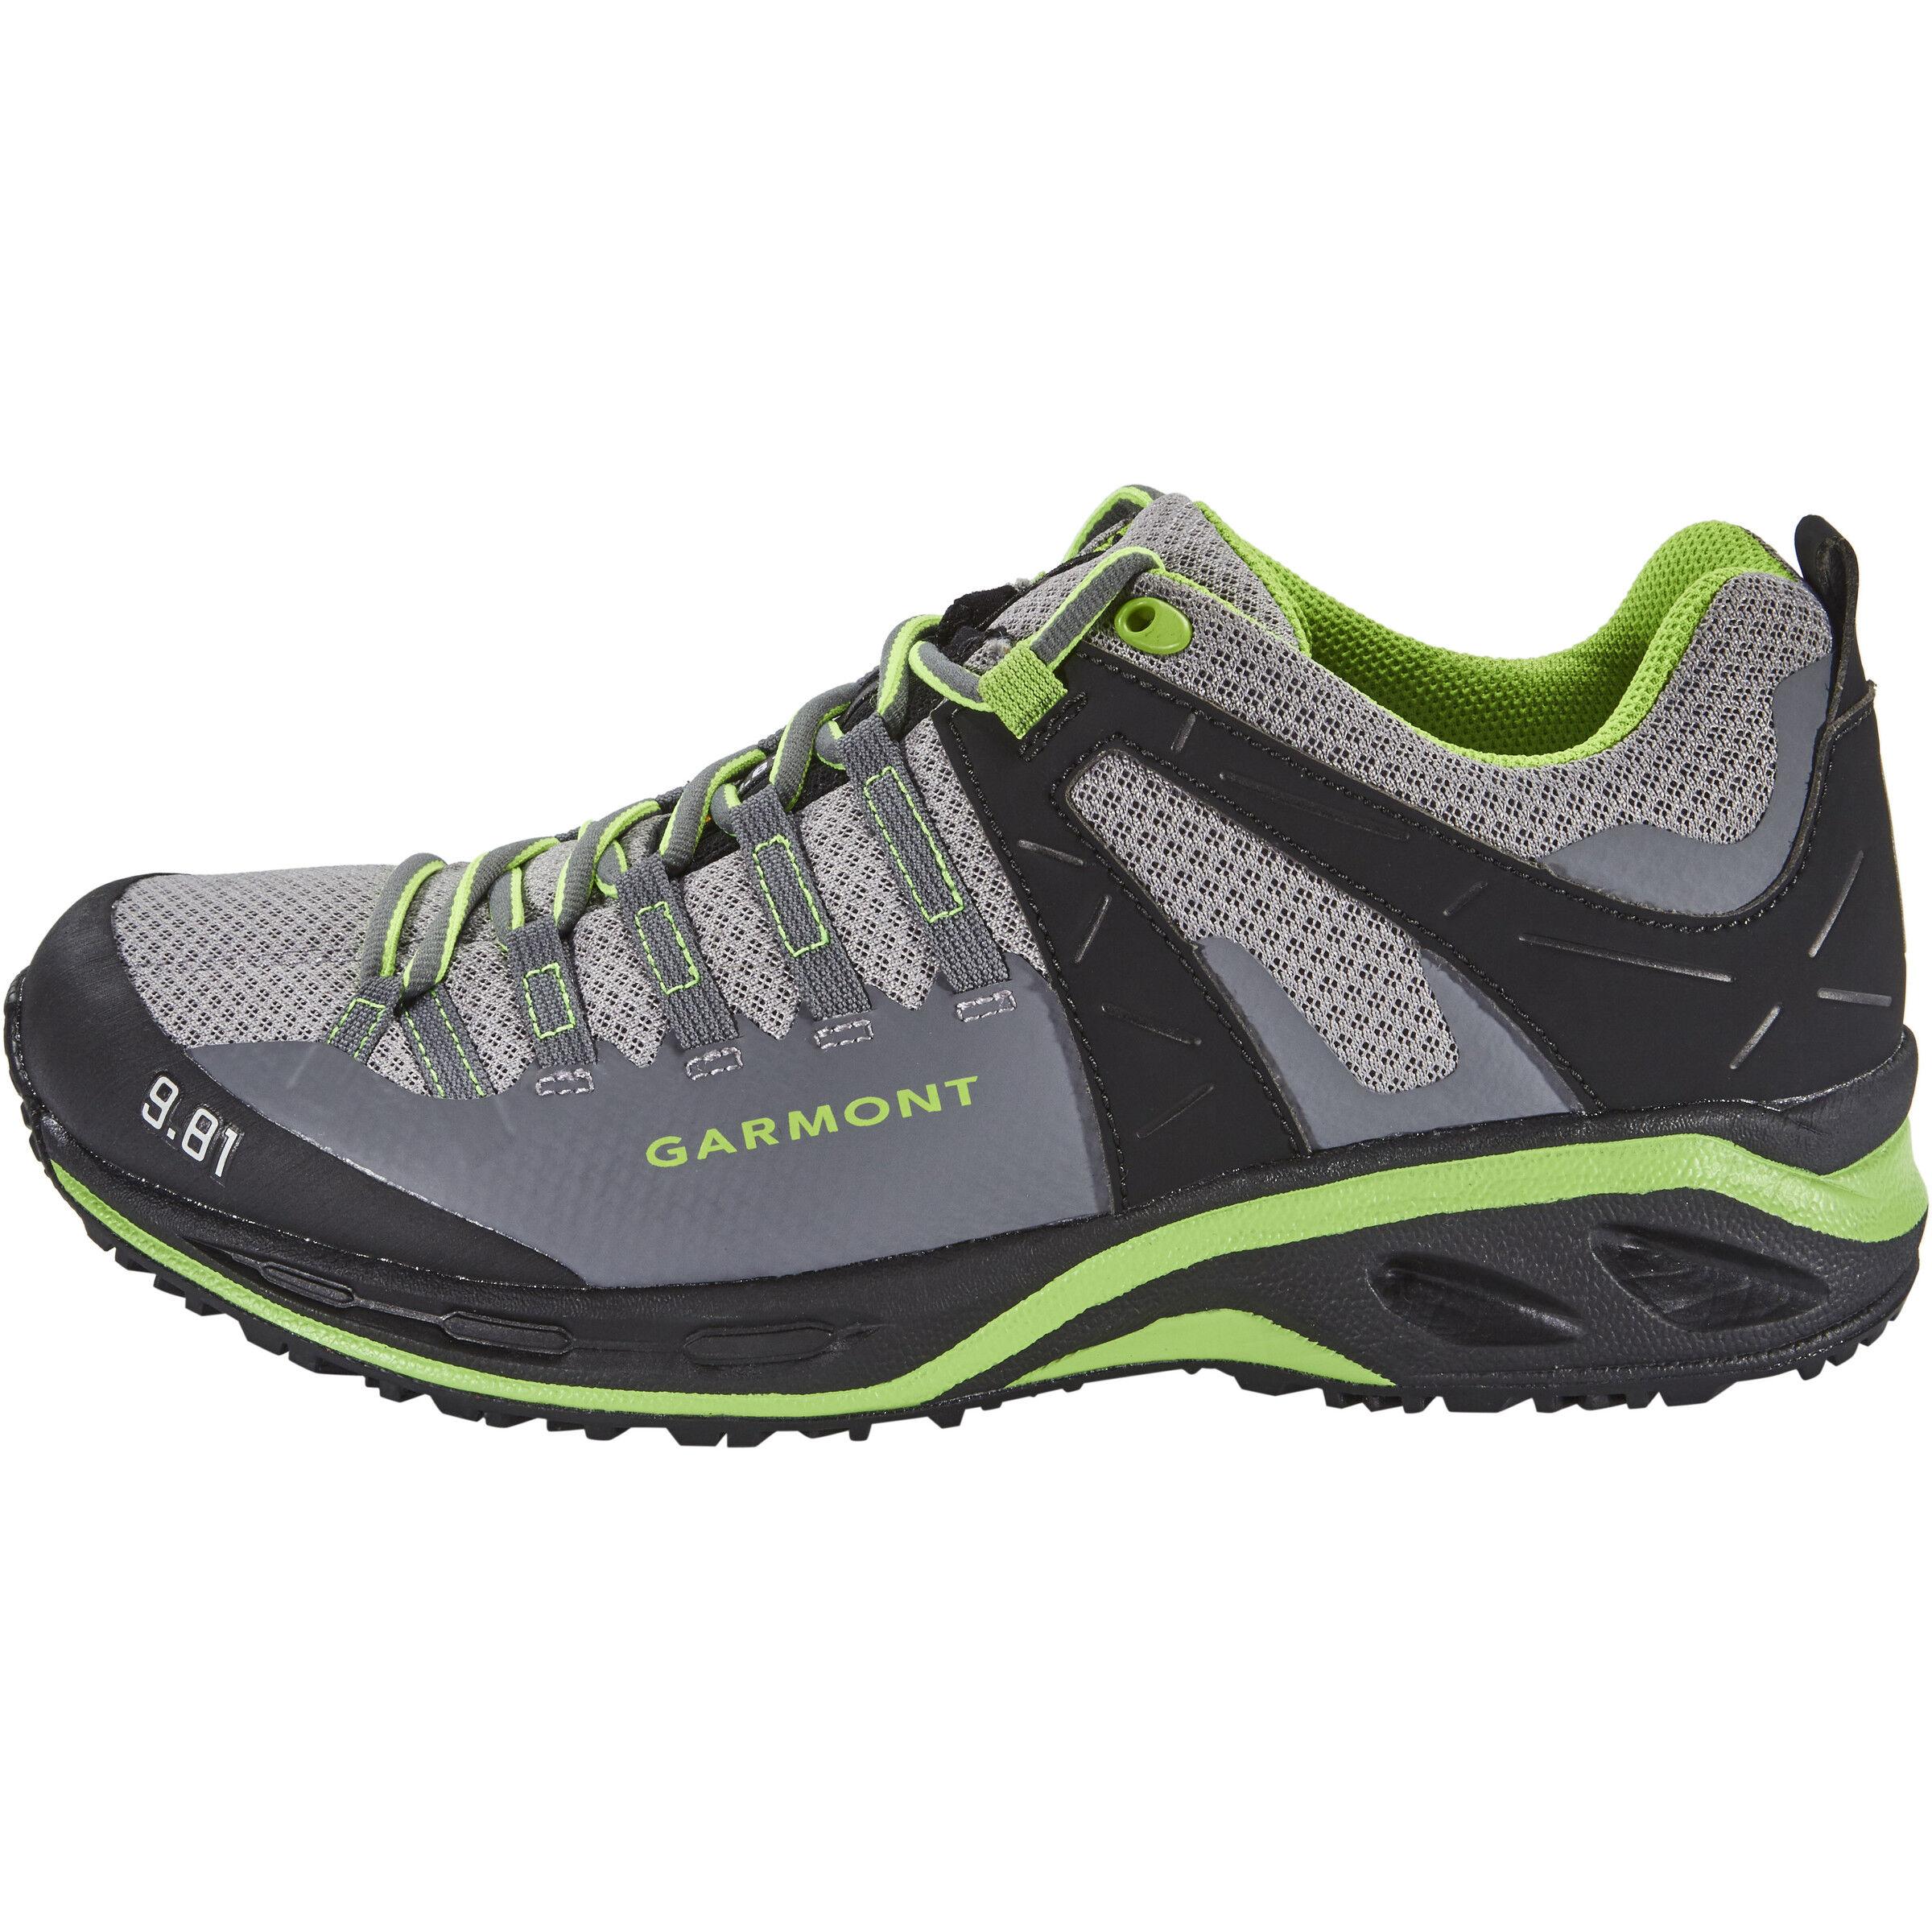 Garmont 9.81 Speed II Shoes Herren blackgreen